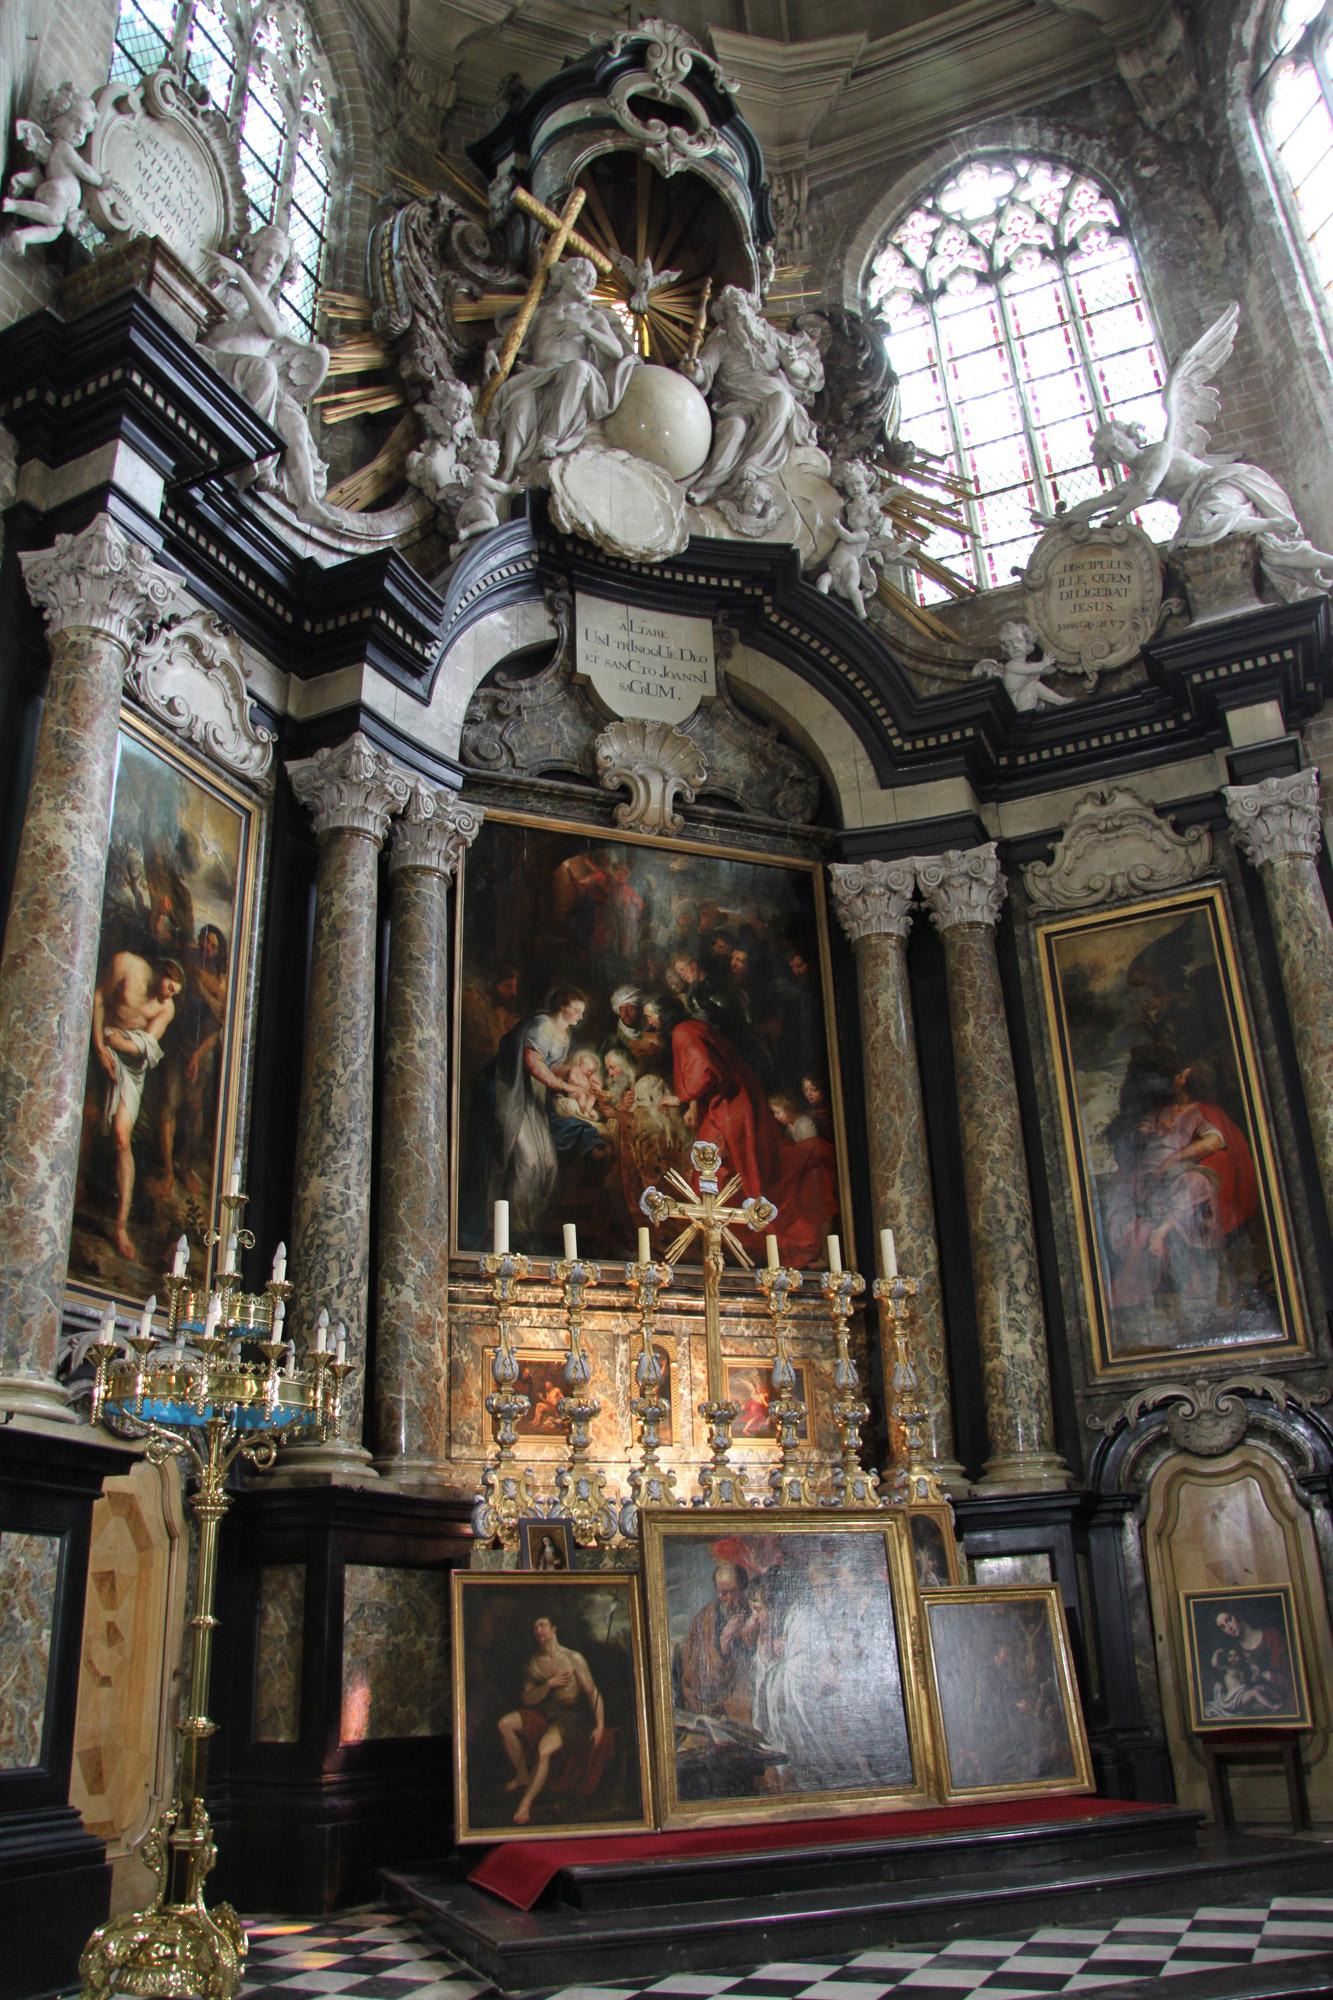 Sint katelijnekerk in mechelen belgi reizen reistips for Interieur mechelen